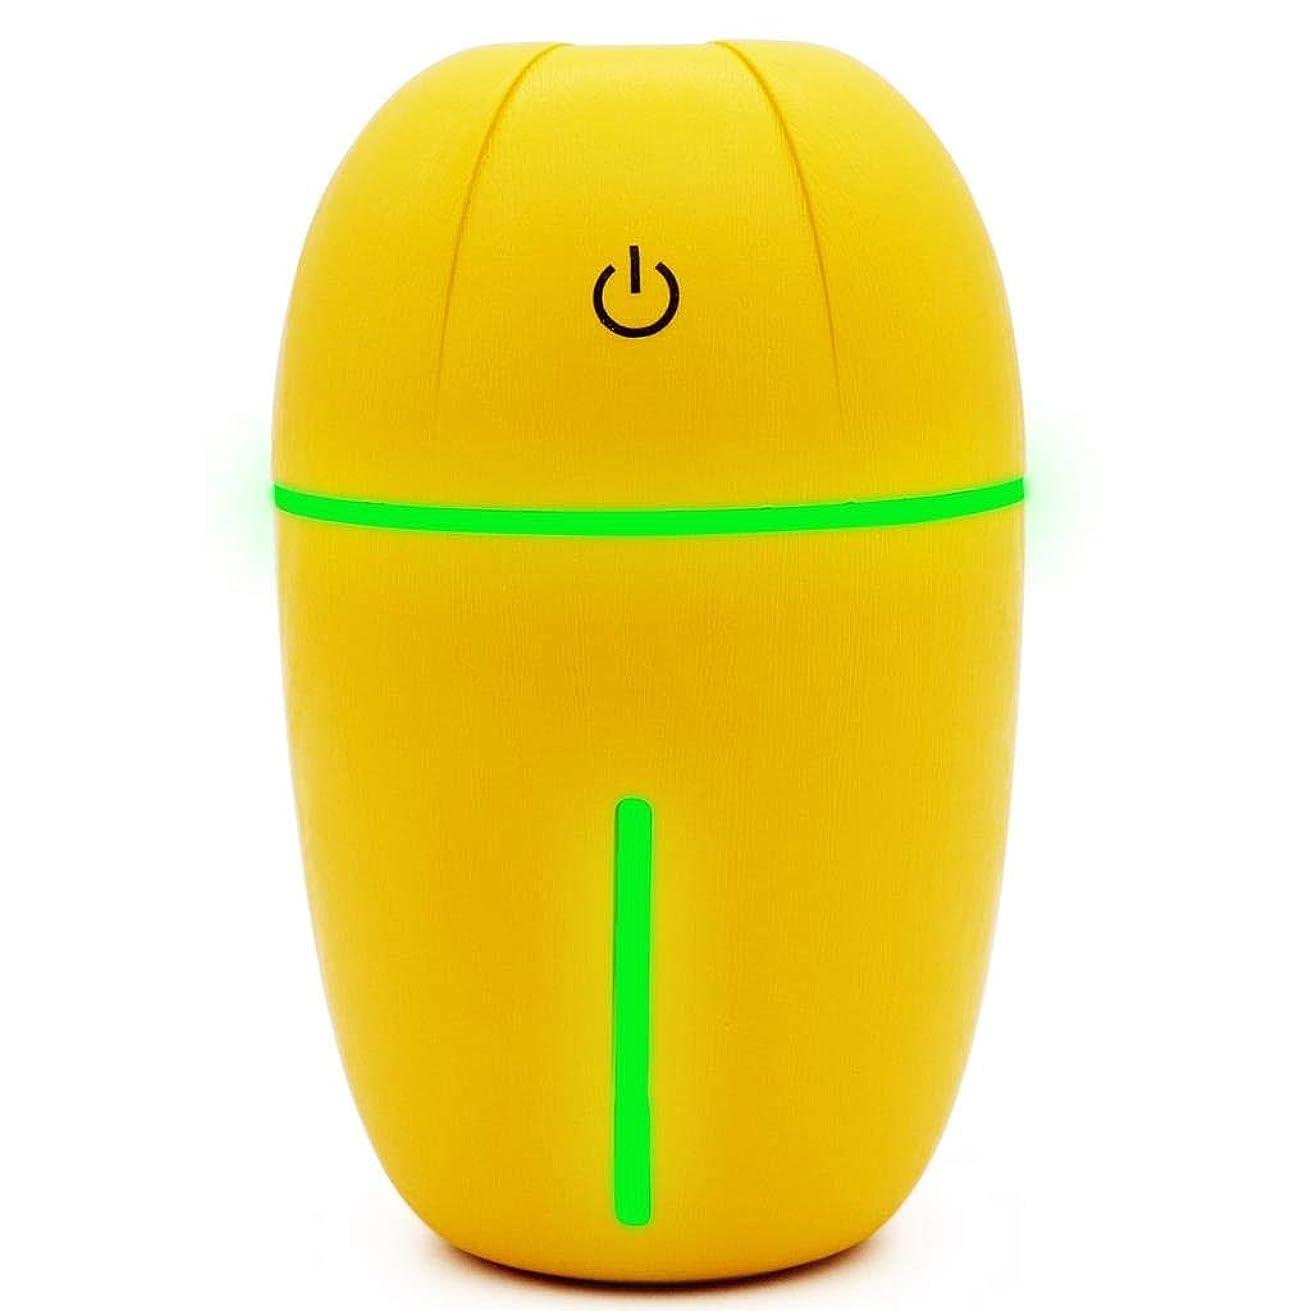 りパッケージ熱意騒音30dB 以下 芳香 拡張器 清涼 薄霧 加湿器 ミスト アロマ フレグランス 癒し リラックス 調光 LED 寝室 (Color : Yellow)